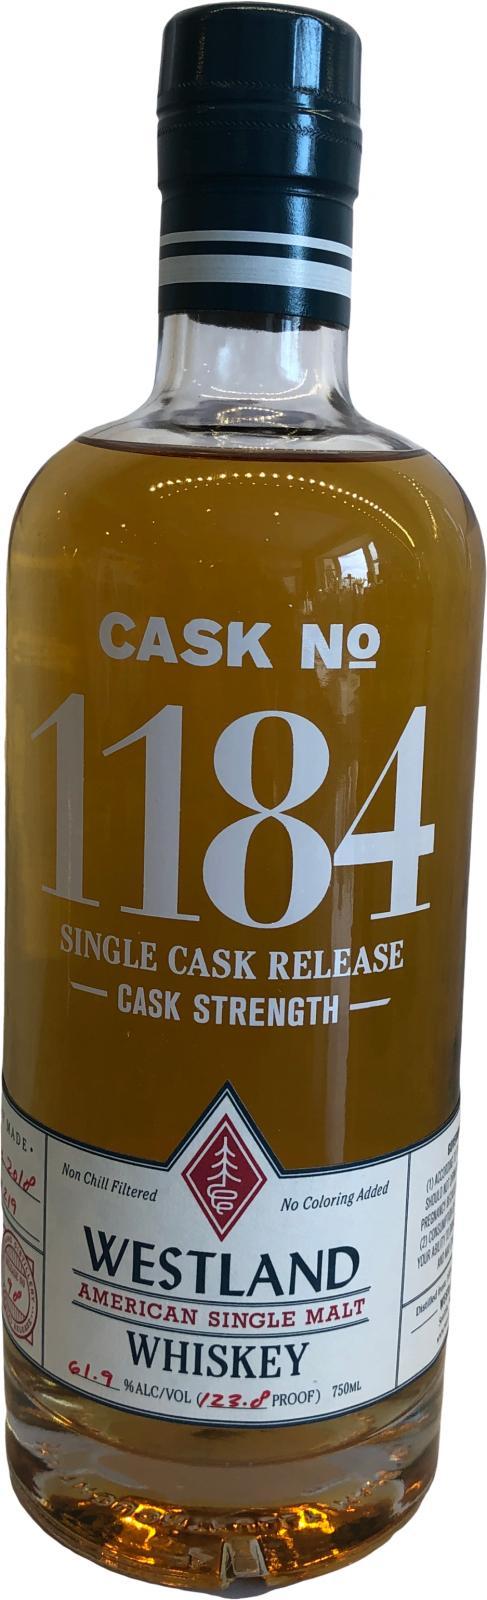 Westland Cask No. 1184